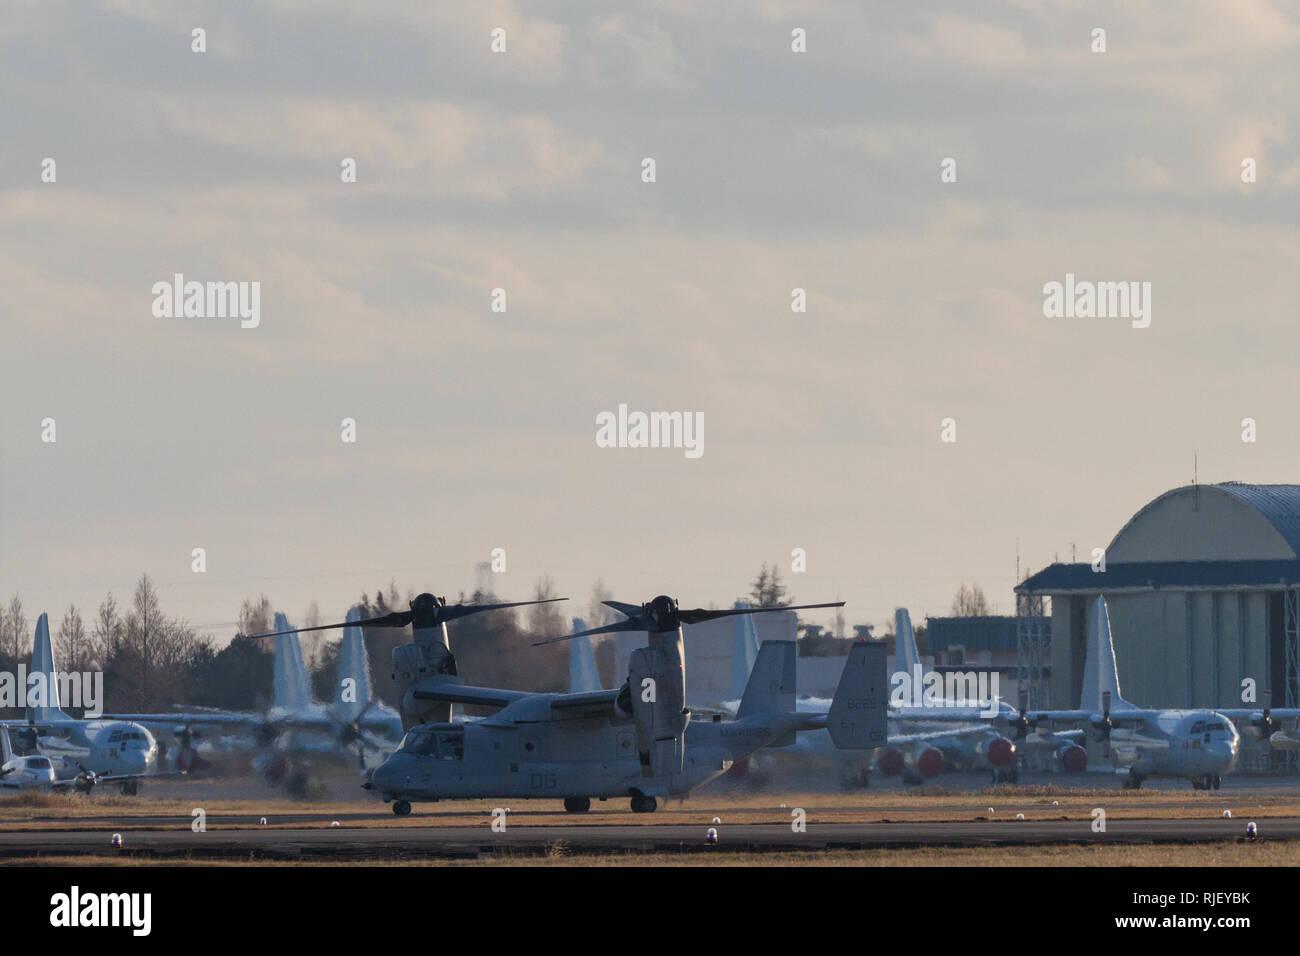 Un bell Boeing V22 Osprey tilt-rotore aeromobili con i Marines americani, si prepara a prendere il via dalla Naval Air Facility in Atsugi Yamato, Kanagawa, Giappone. Fr Immagini Stock